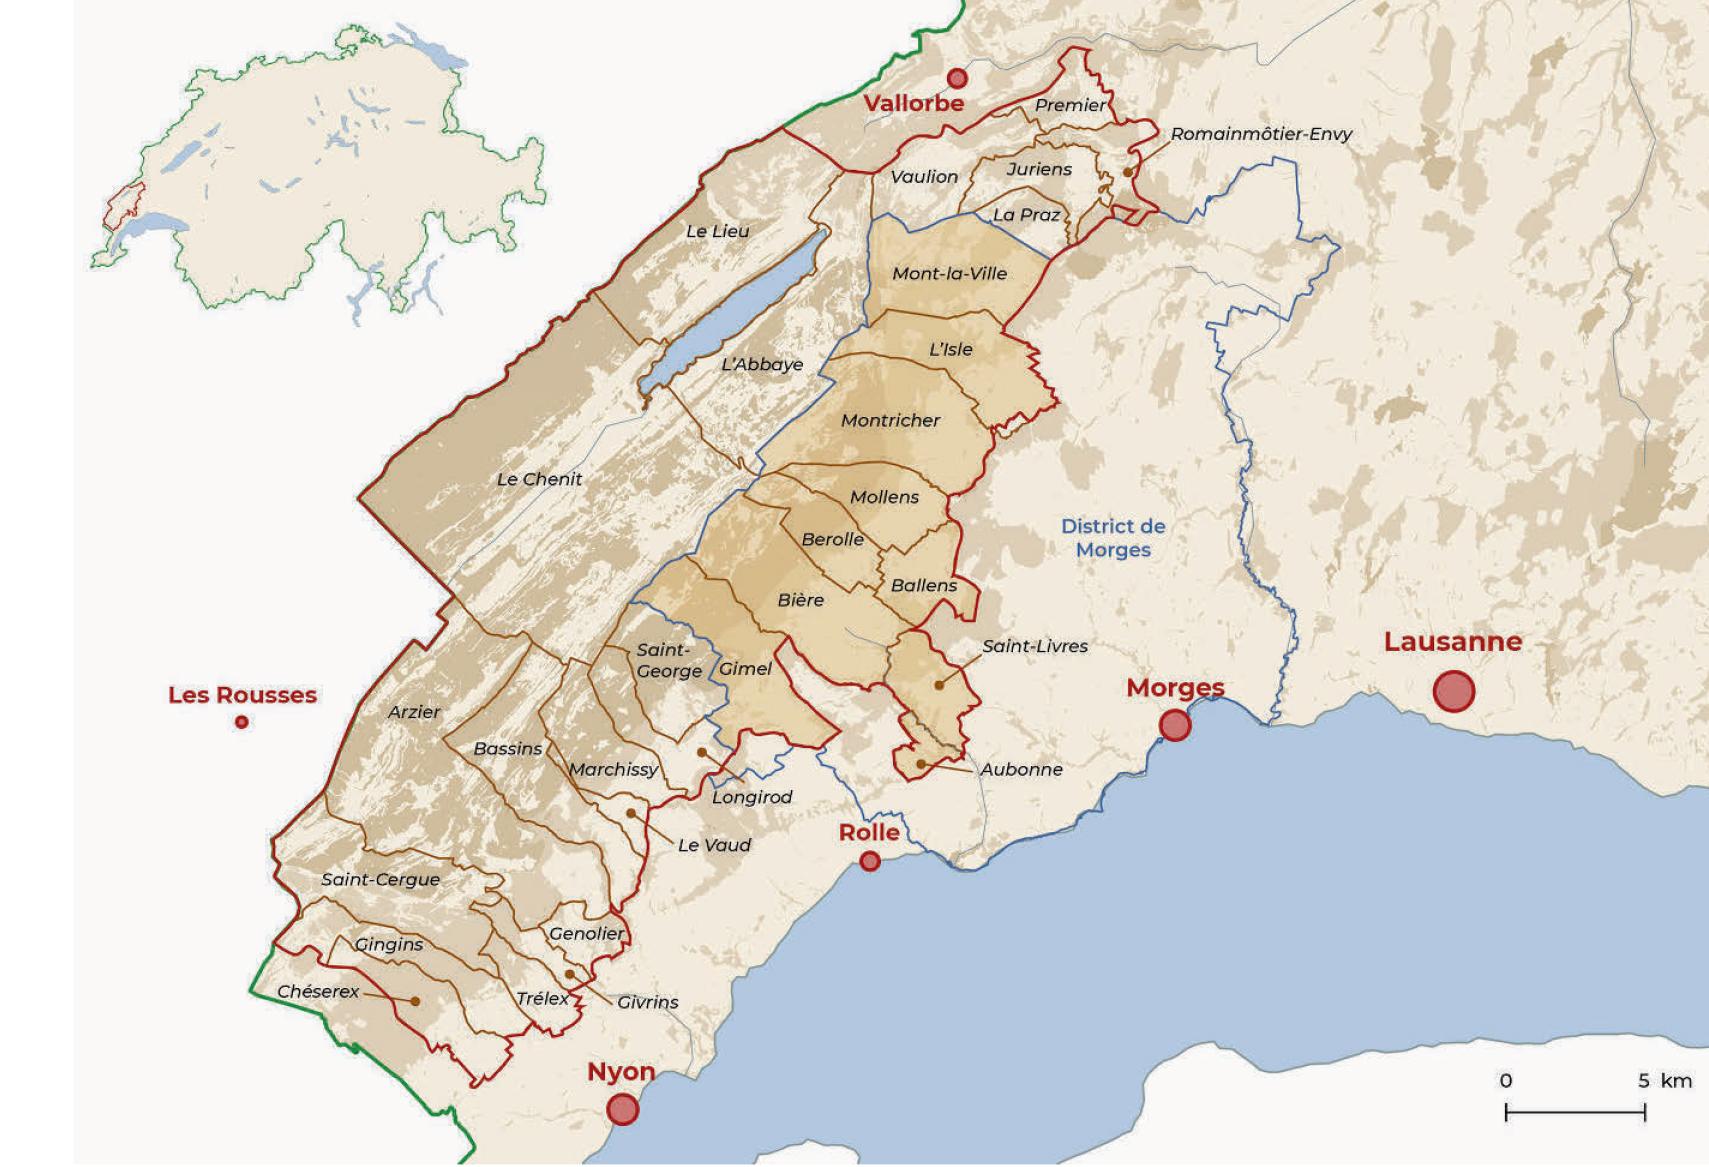 Première suisse pour le Parc Jura Vaudois et district de Morges